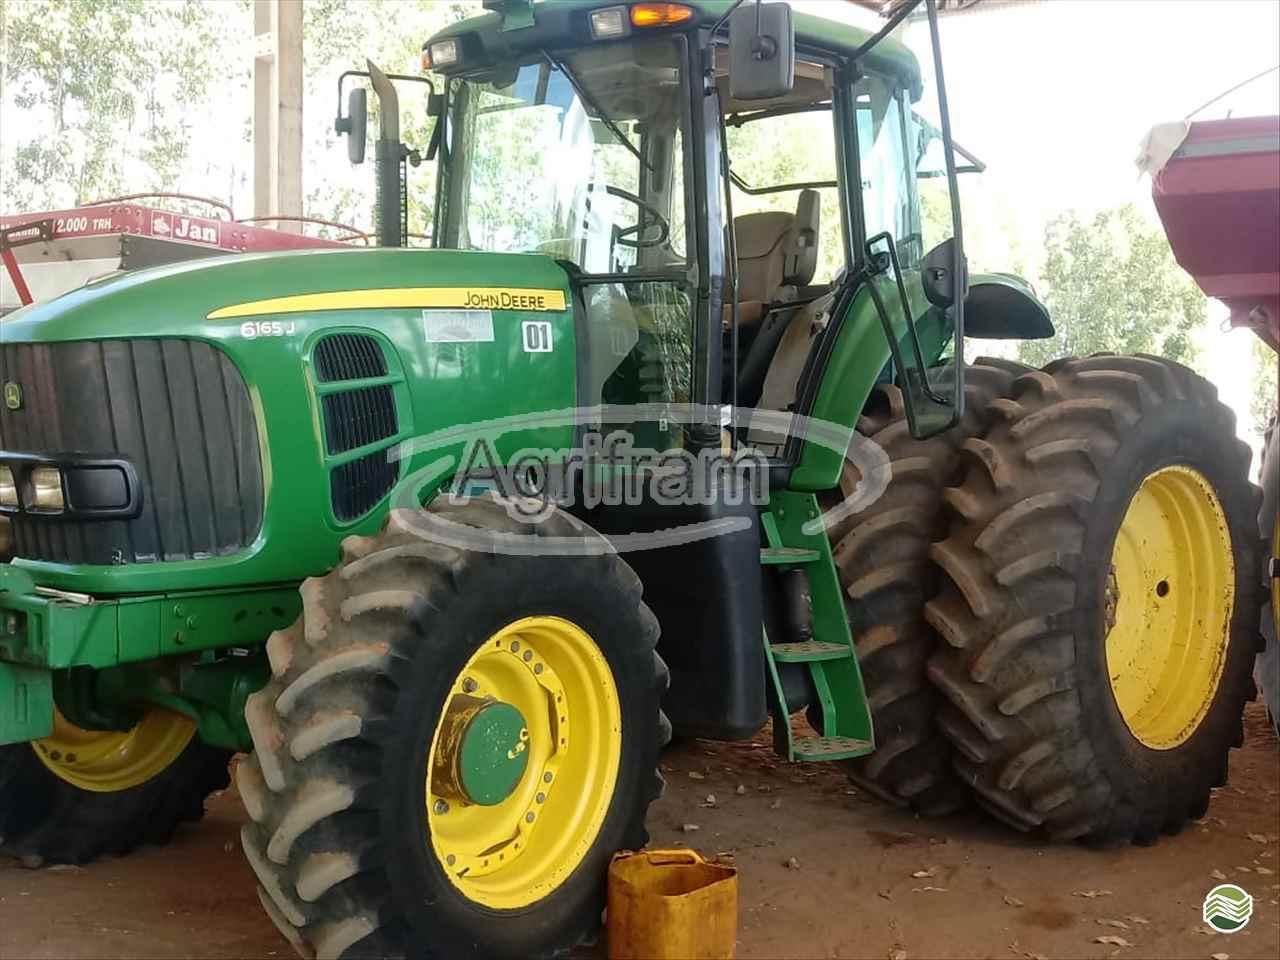 JOHN DEERE 6165 de Agrifram Máquinas e Soluções Agrícolas - LUIS EDUARDO MAGALHAES/BA